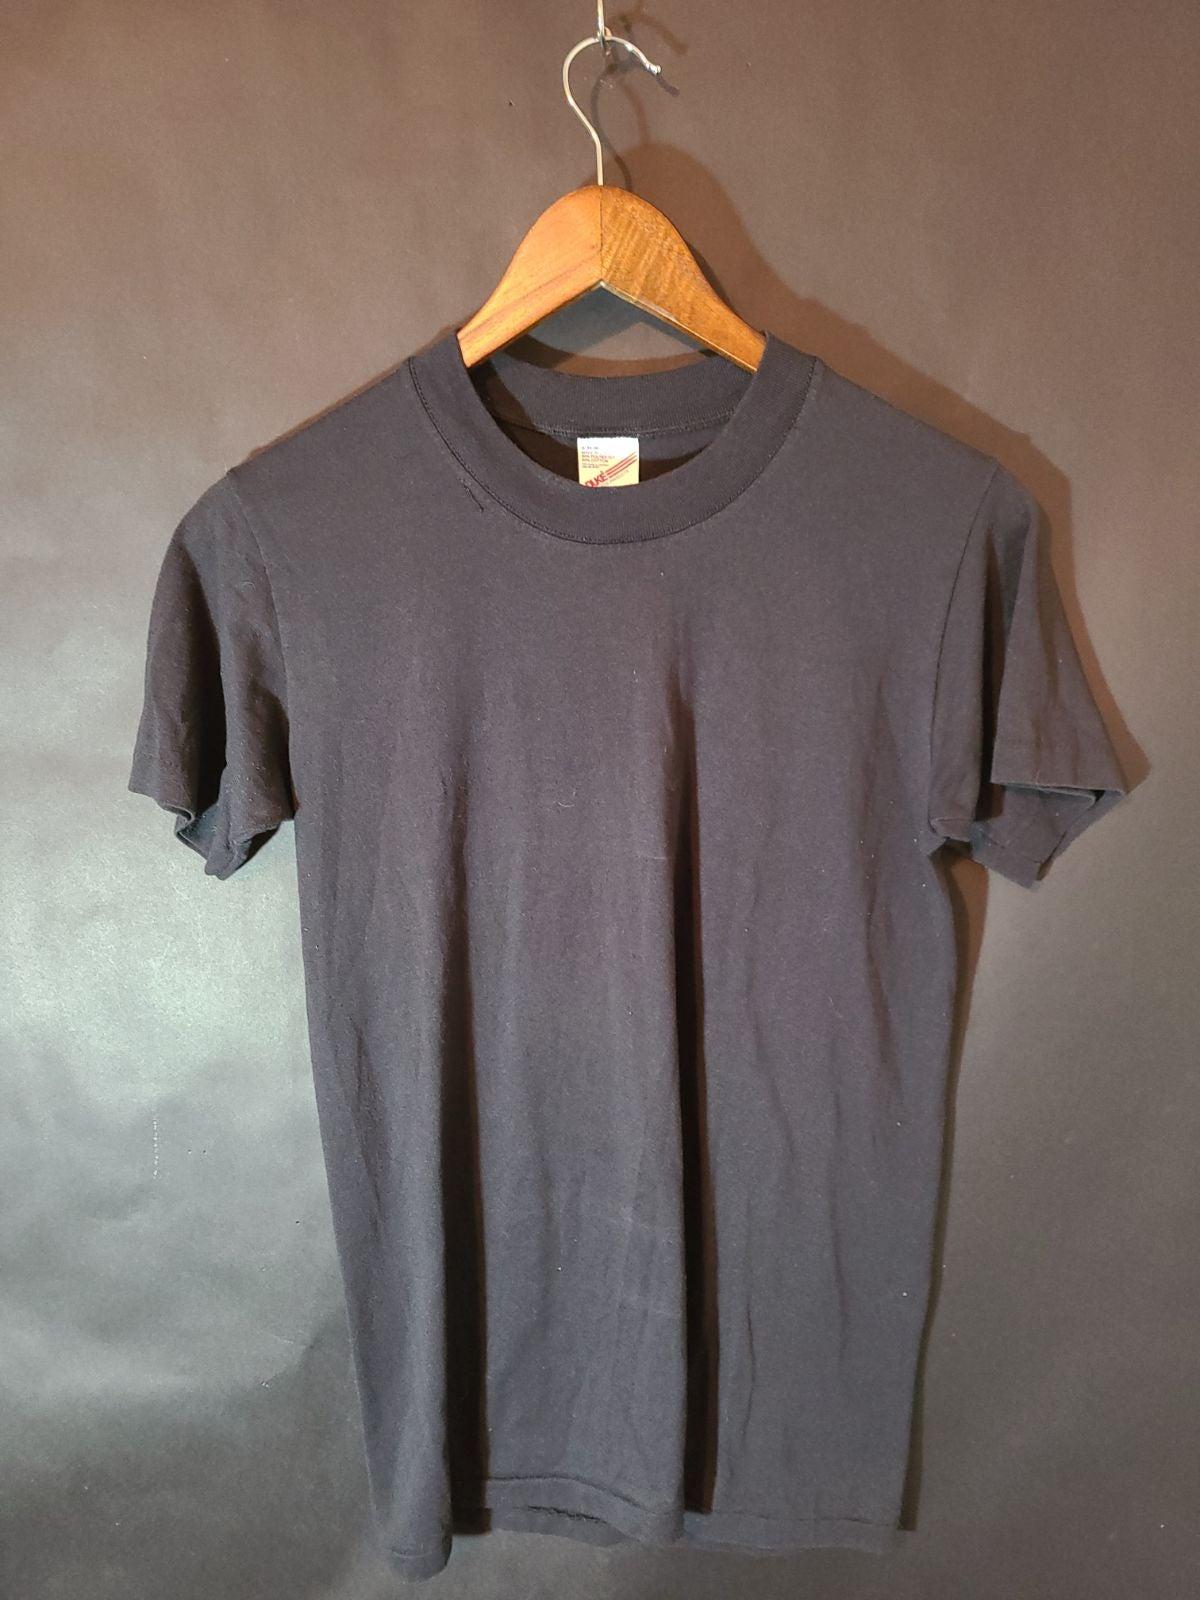 Vintage Duke shirt